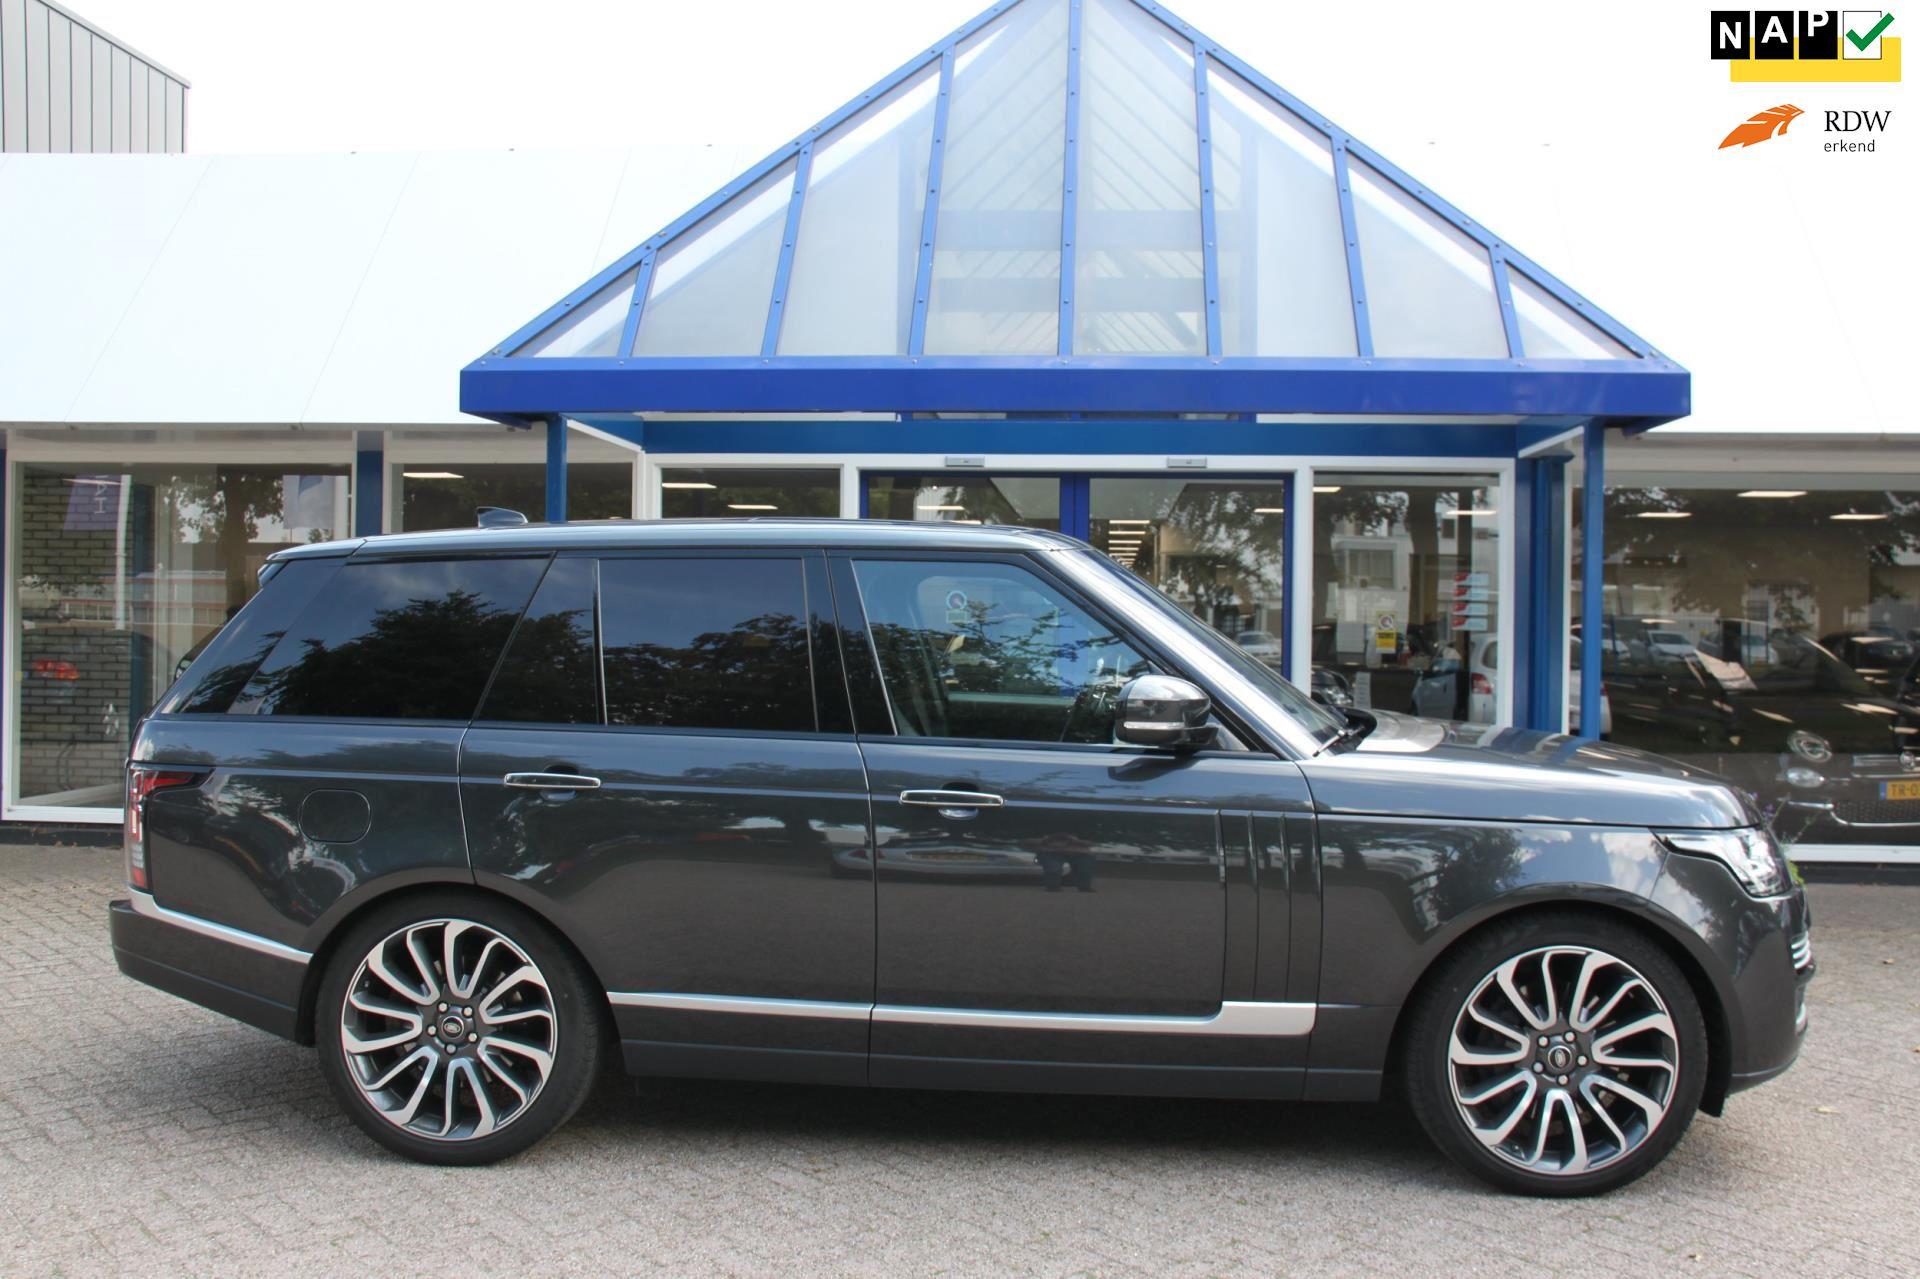 Land Rover Range Rover occasion - HDA Wijchen B.V.